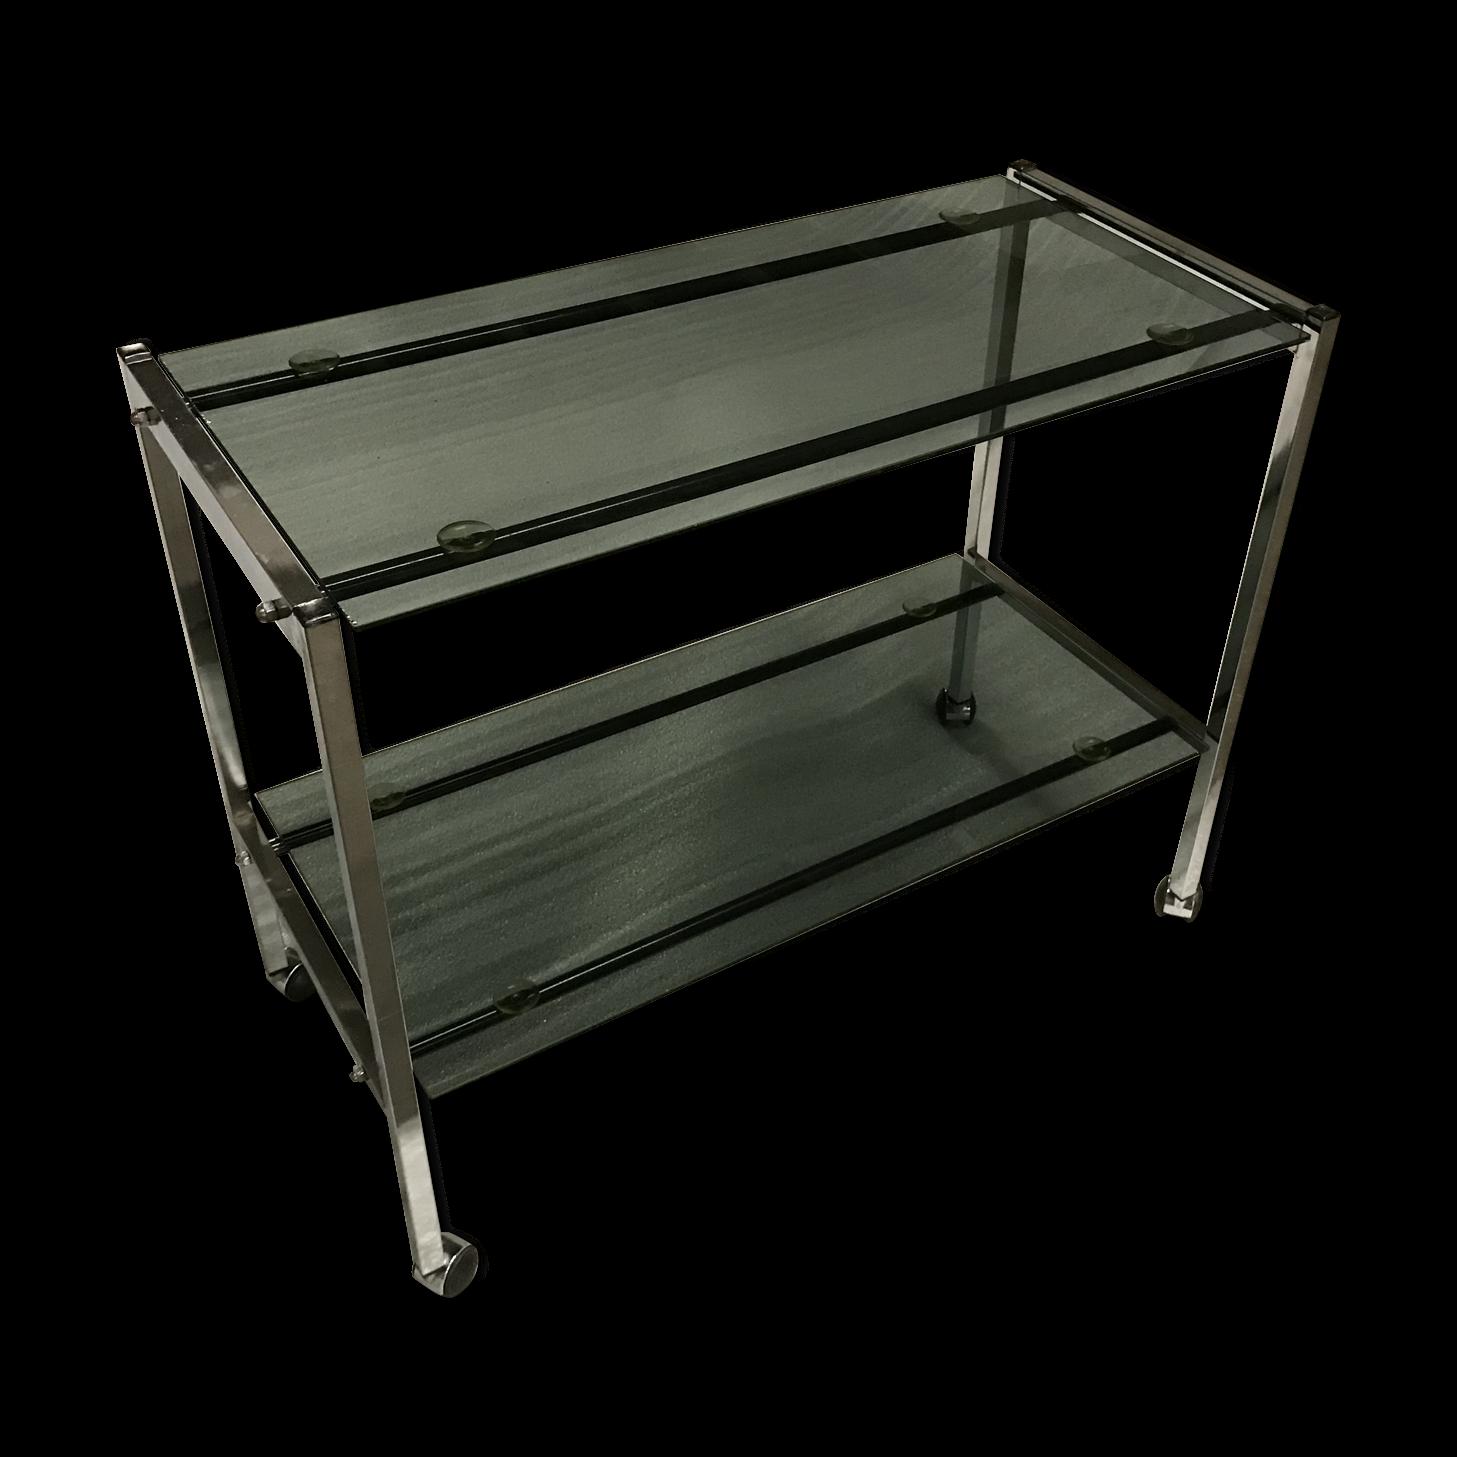 roulette ancienne pour meuble top alina le spcialiste meubles et dco boutique en ligne et. Black Bedroom Furniture Sets. Home Design Ideas